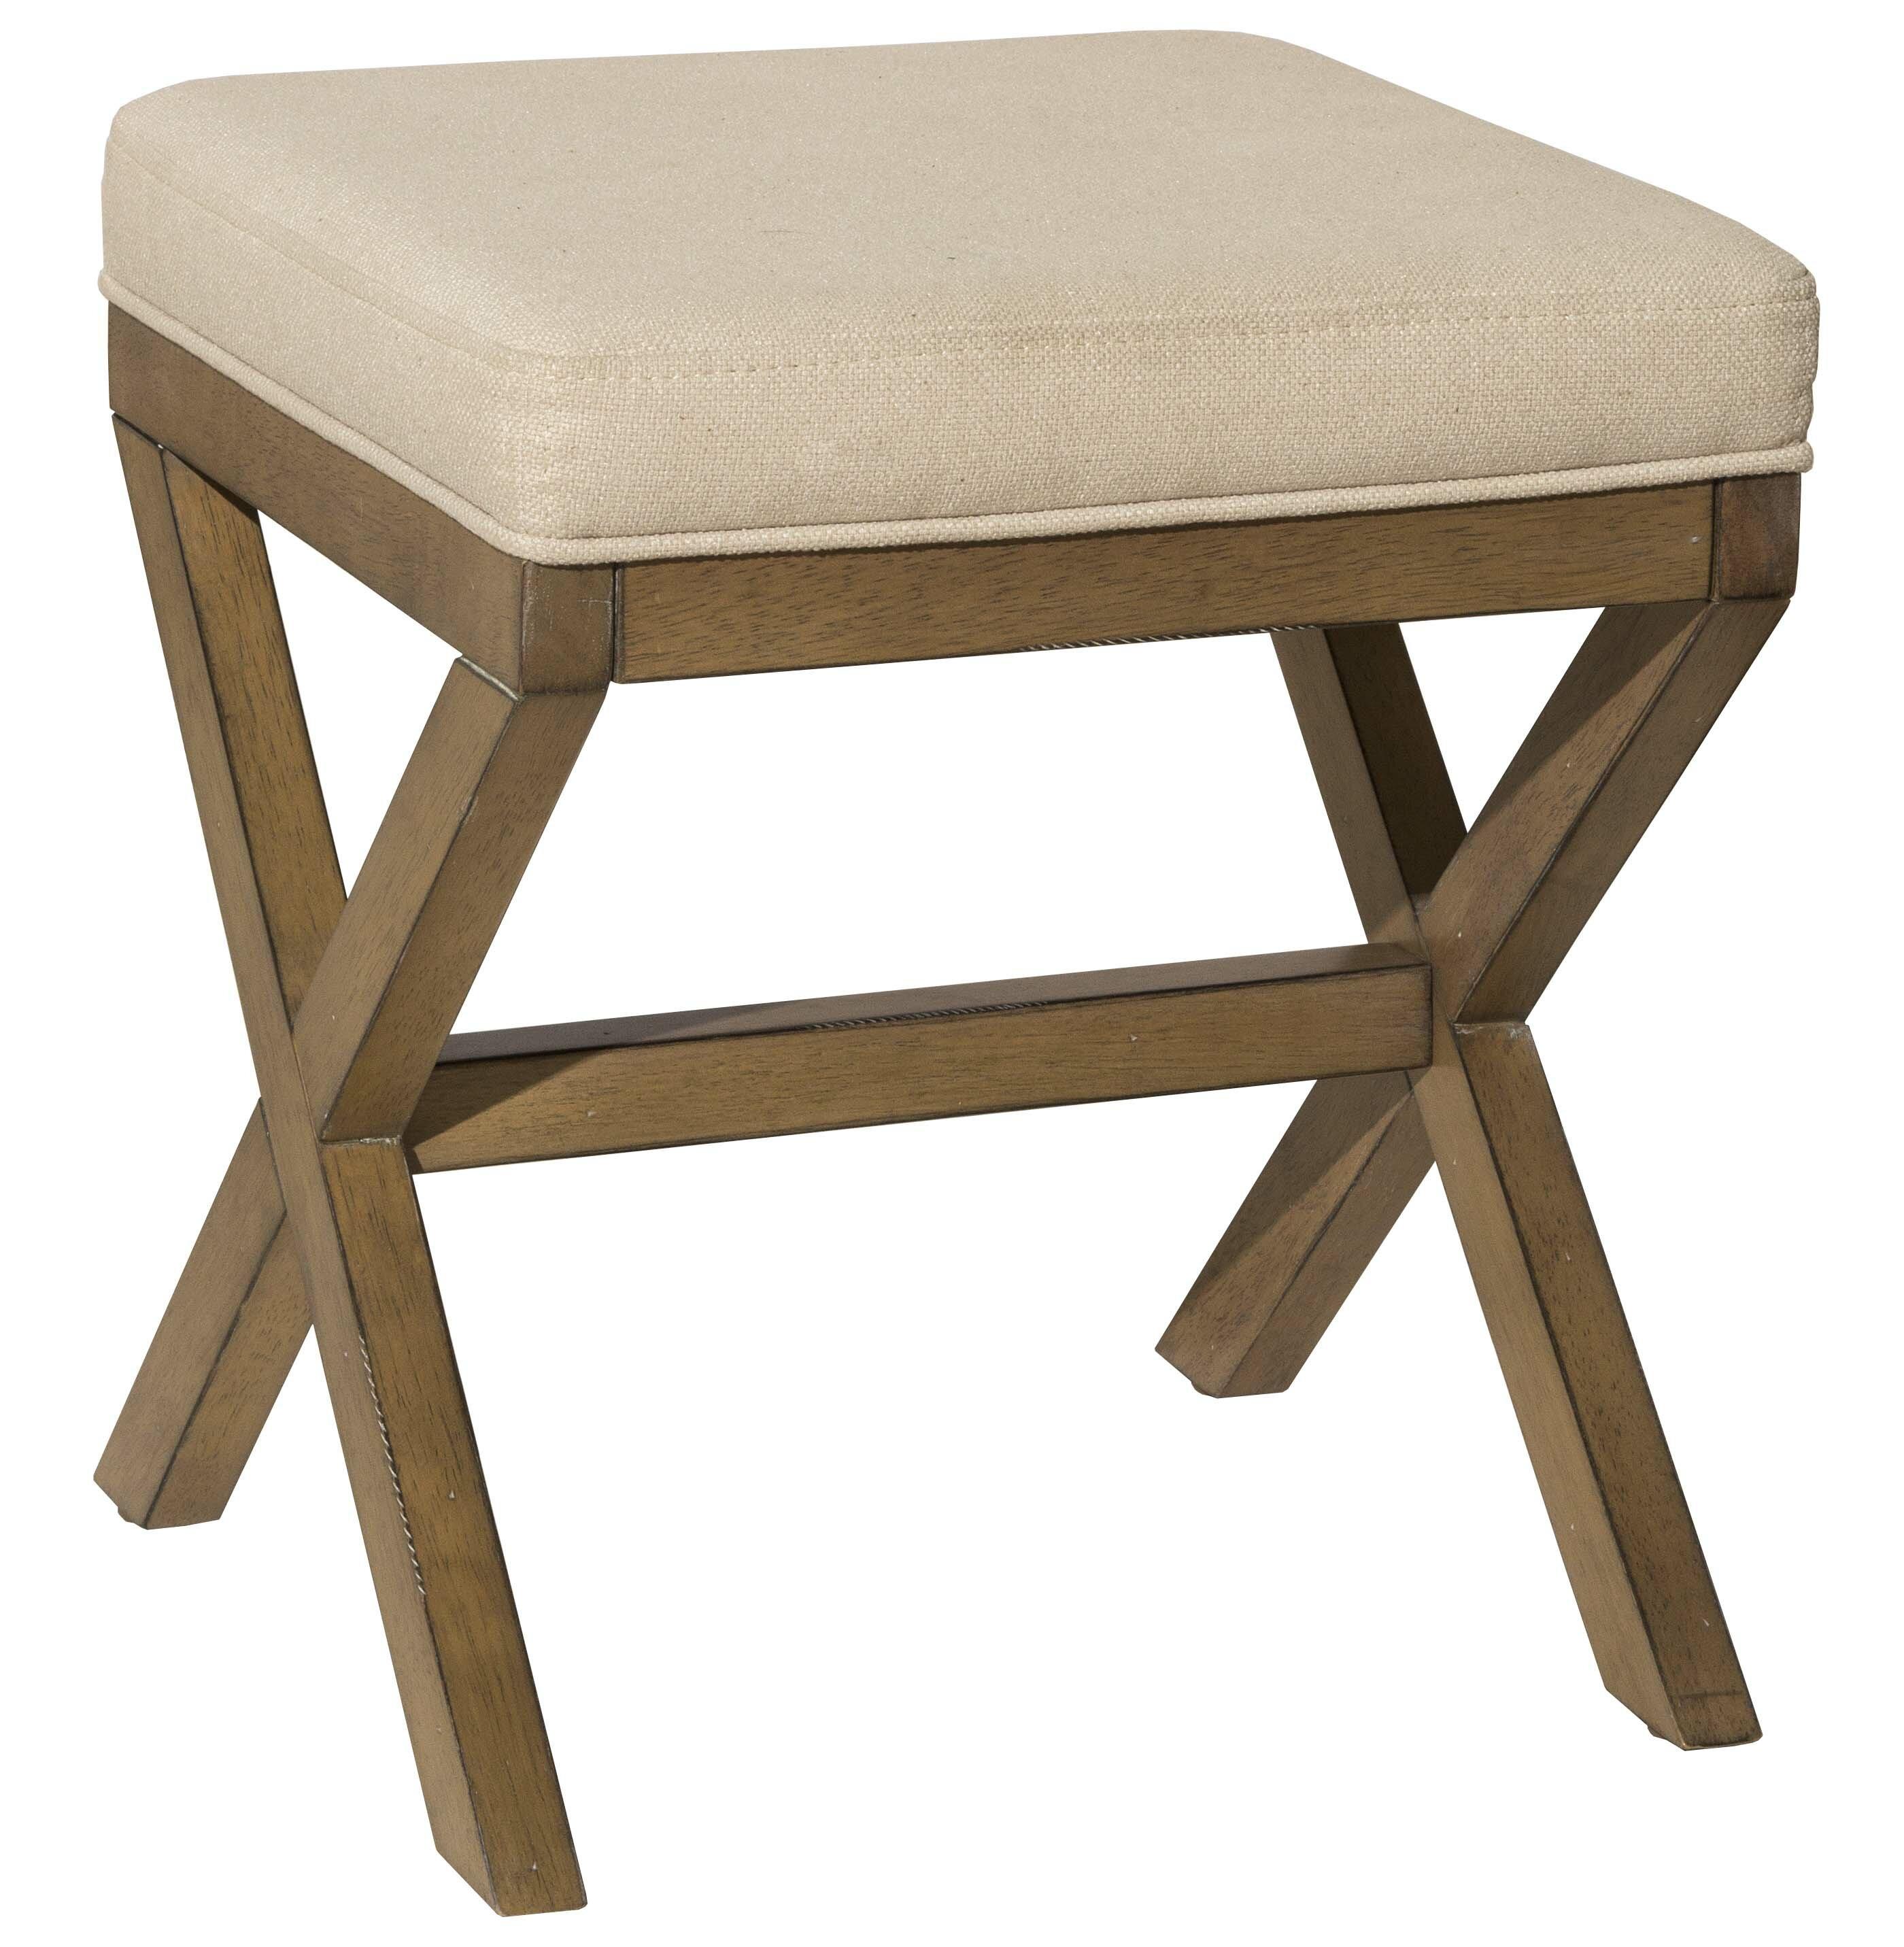 Keane vanity stool wayfair